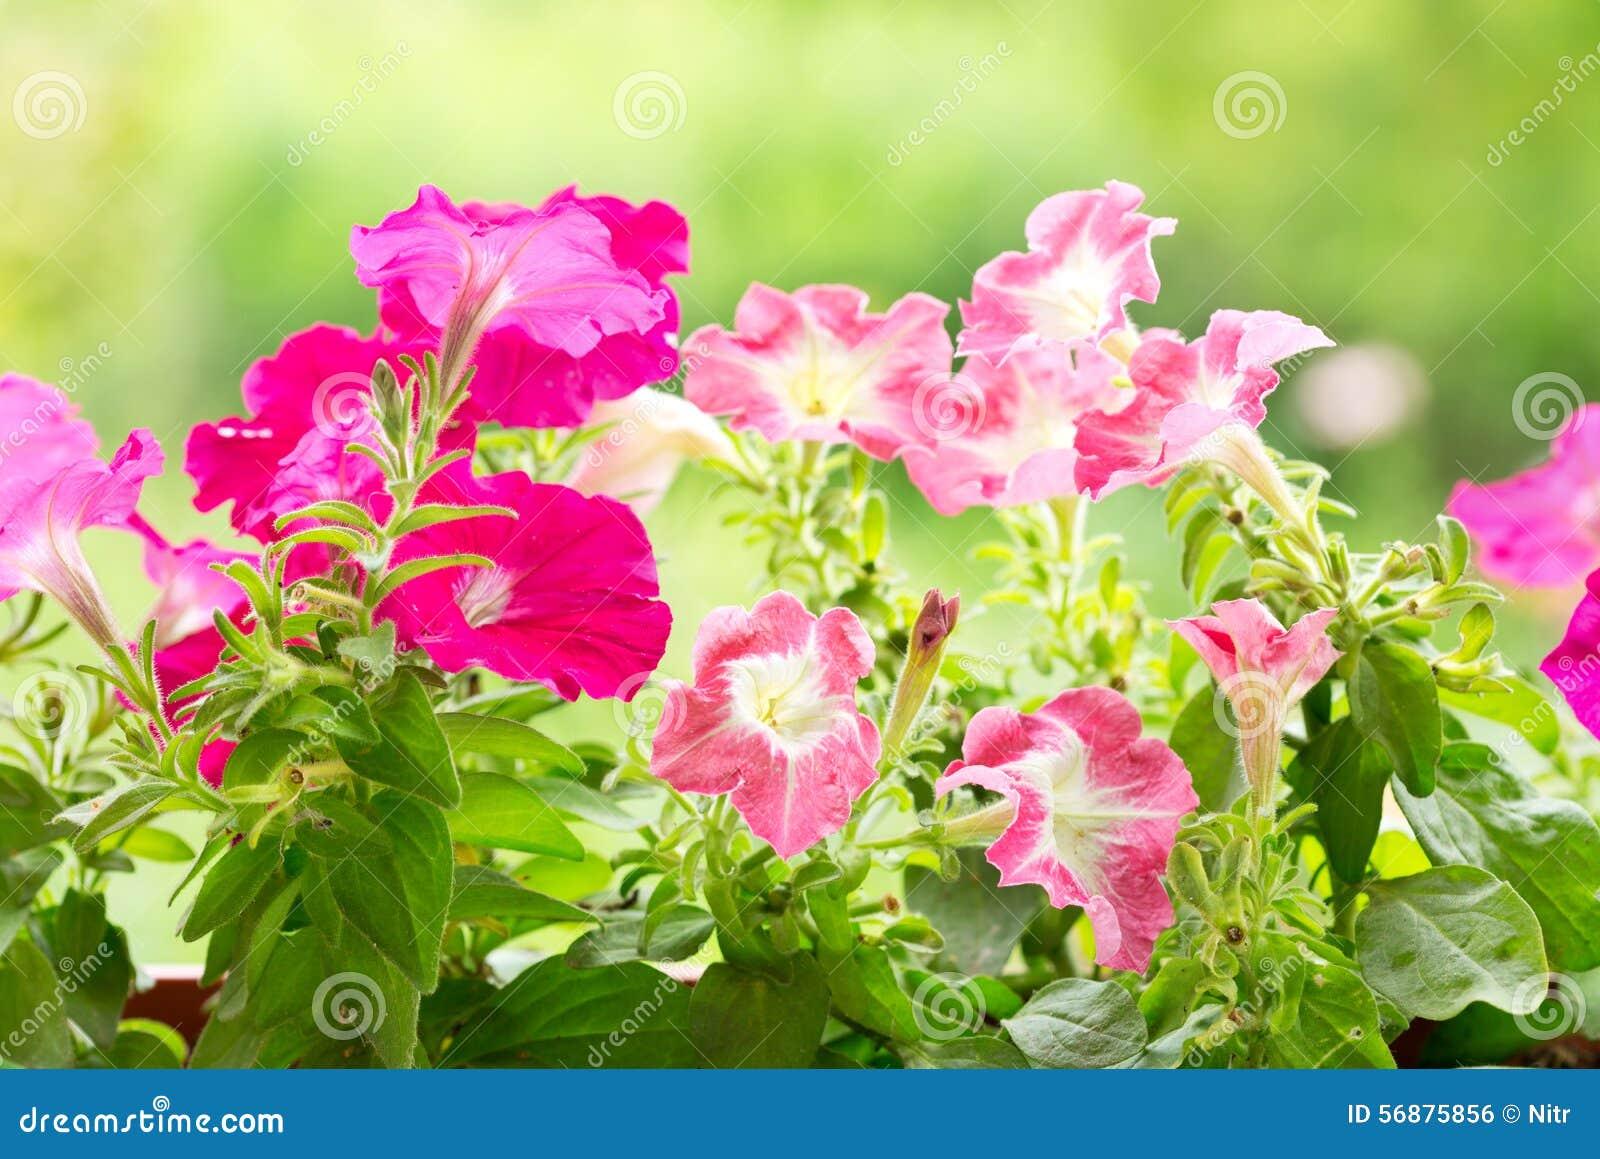 Fiori della petunia in un giardino